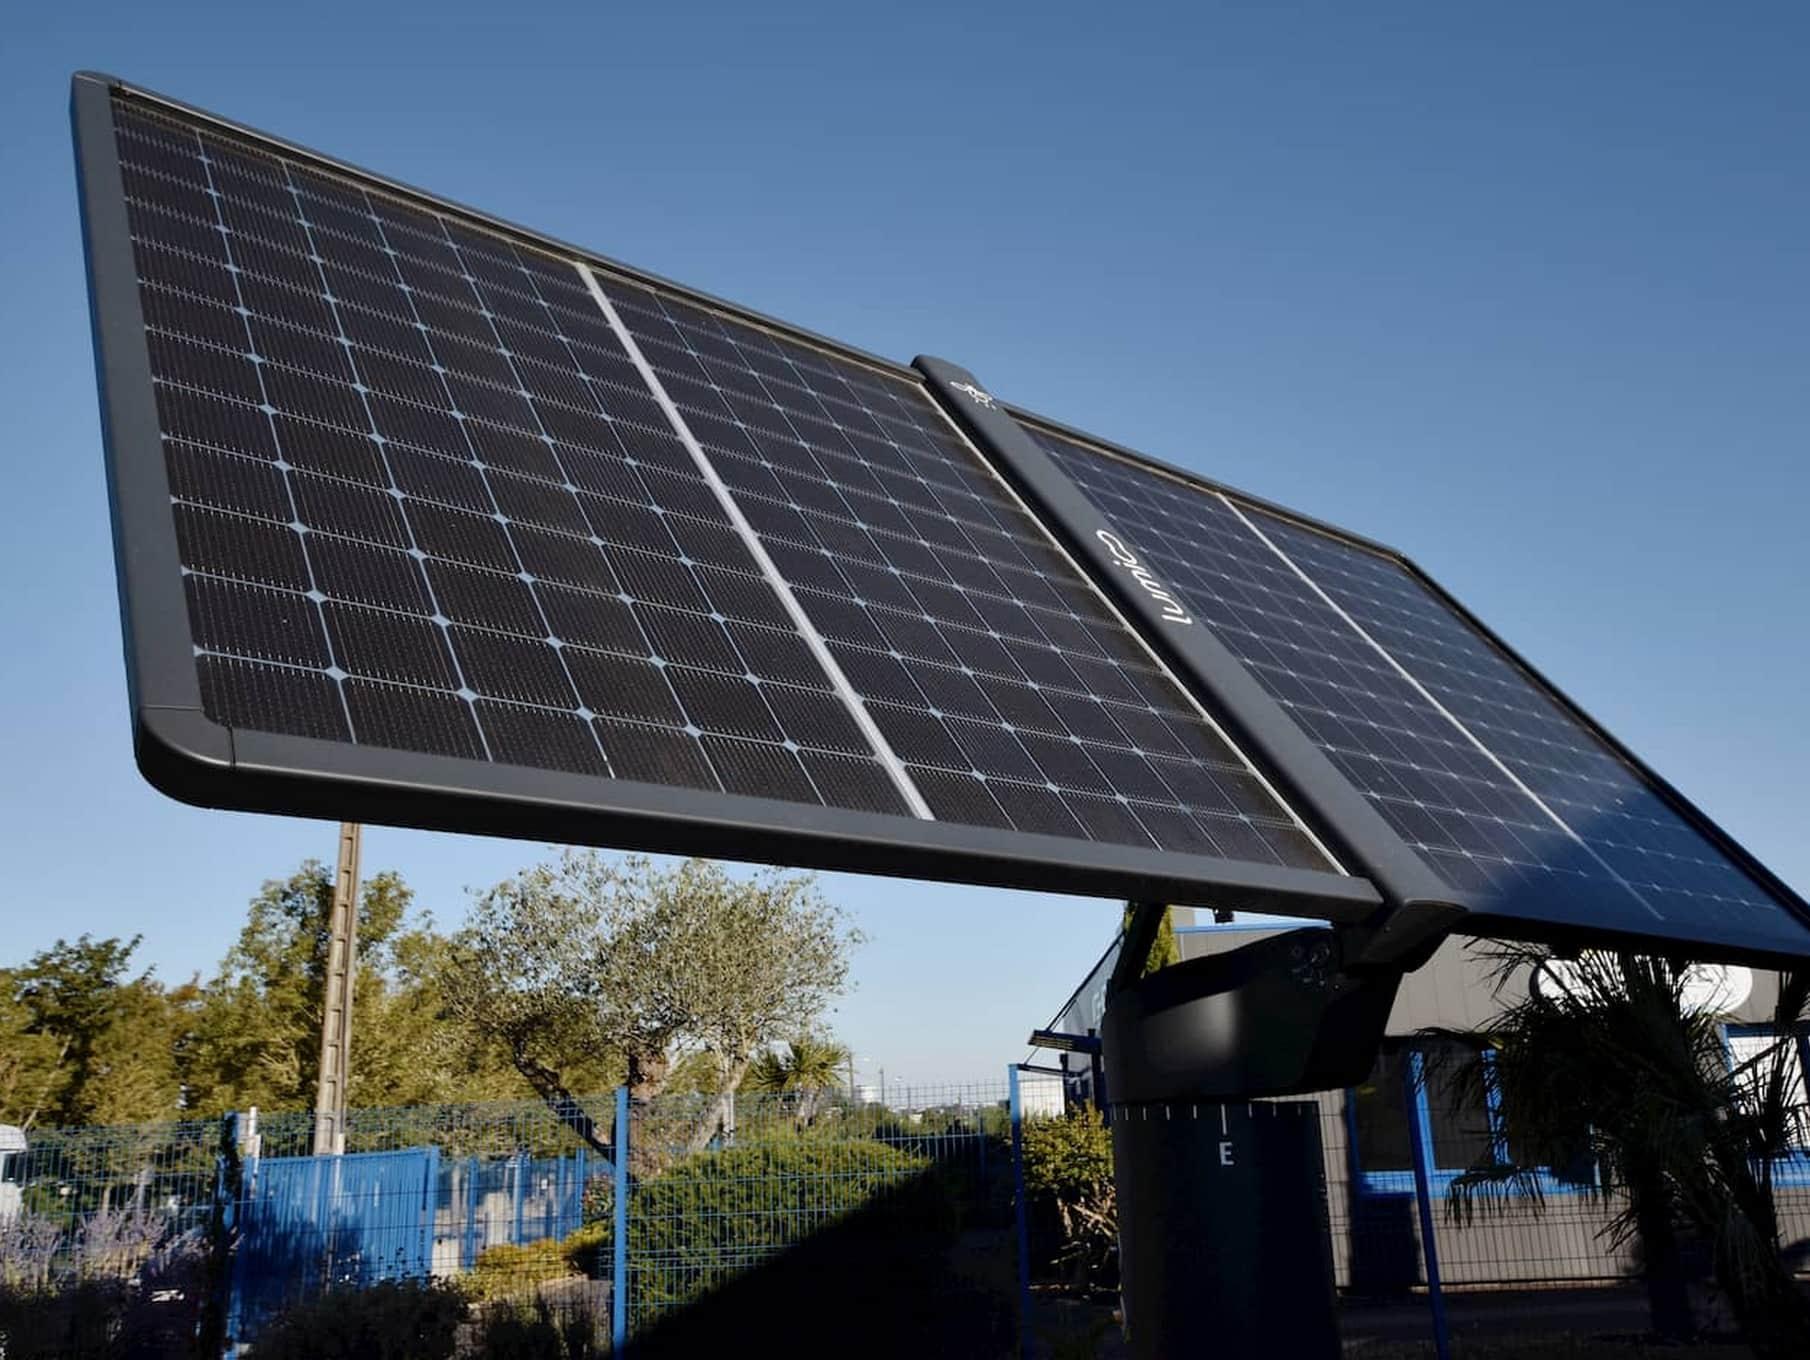 Focus vidéo sur les panneaux du tracker solaire Lumioo